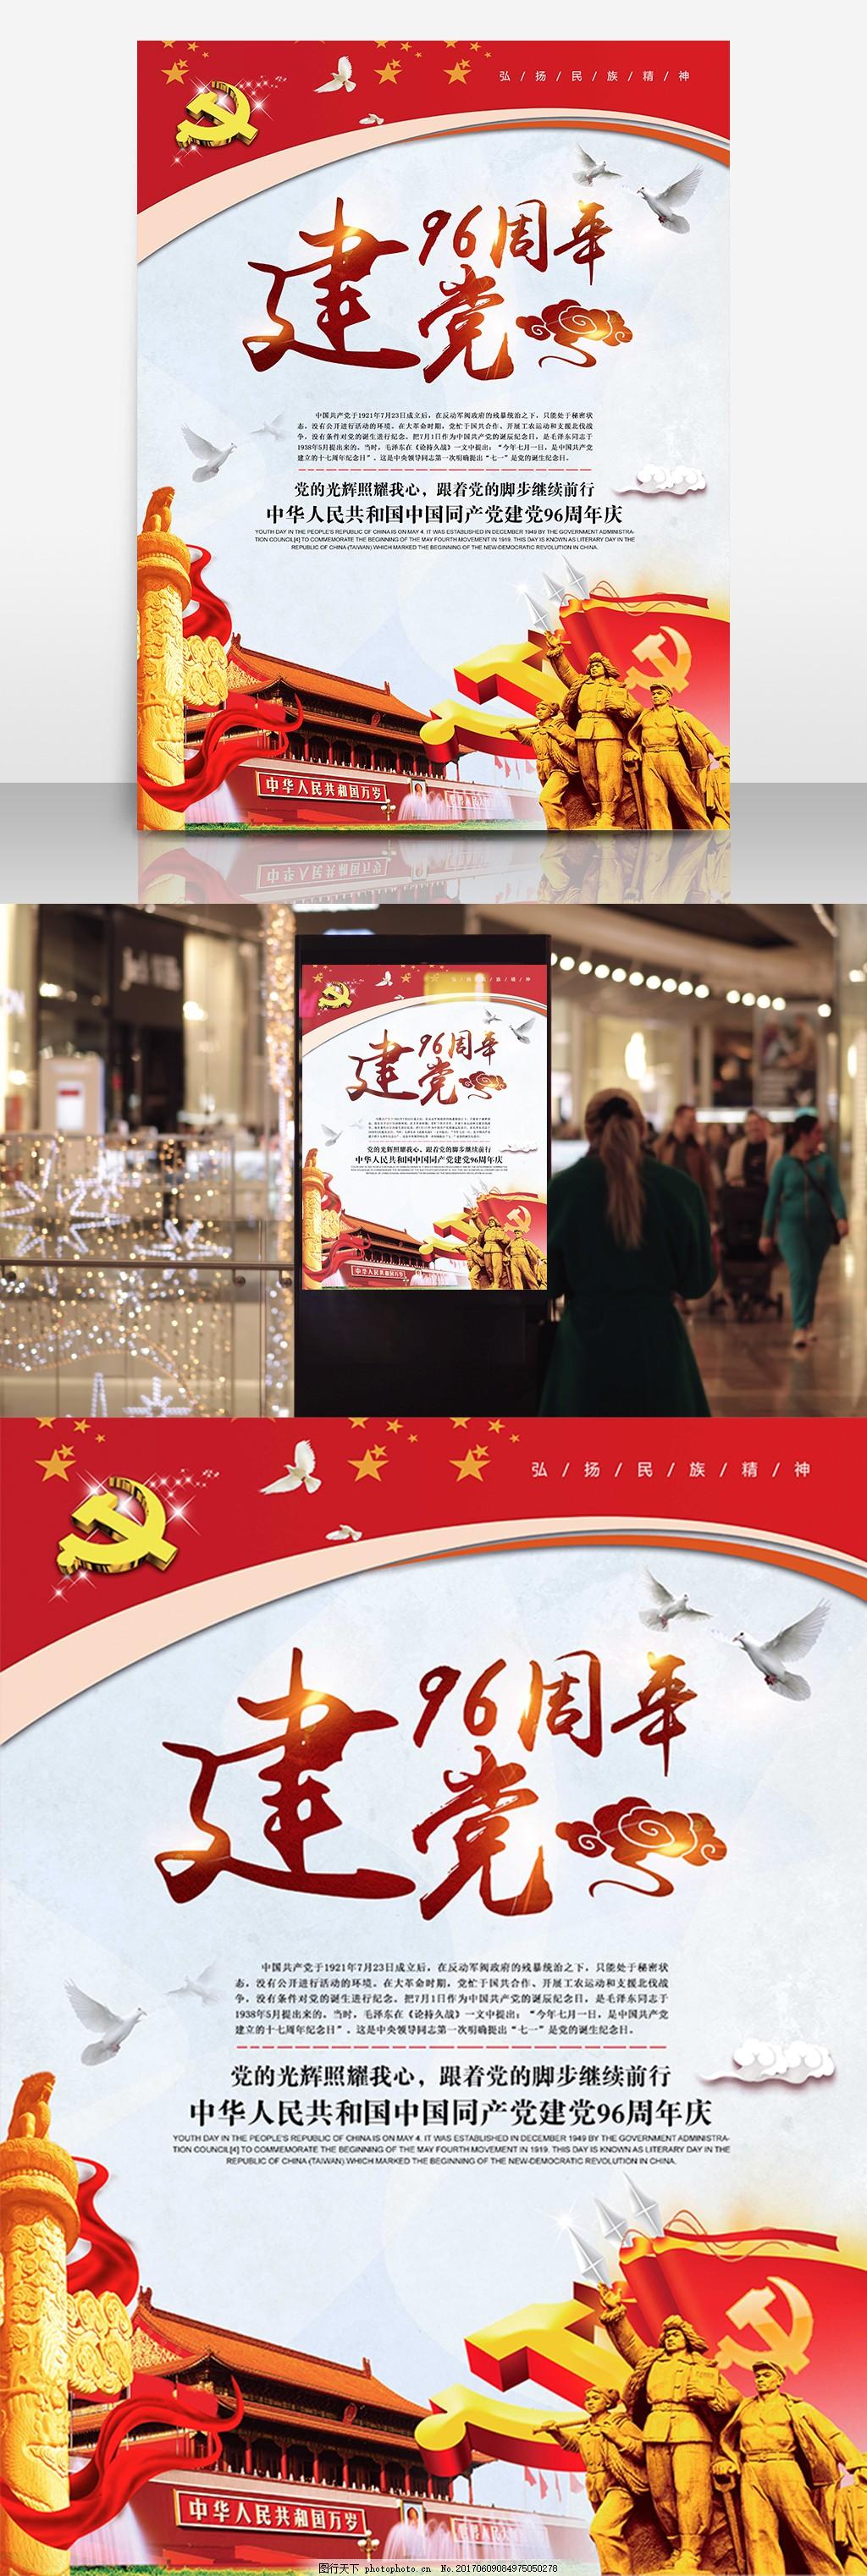 中国梦红色文化建党96周年海报设计 建党节 七一建党节 建党节展板 党